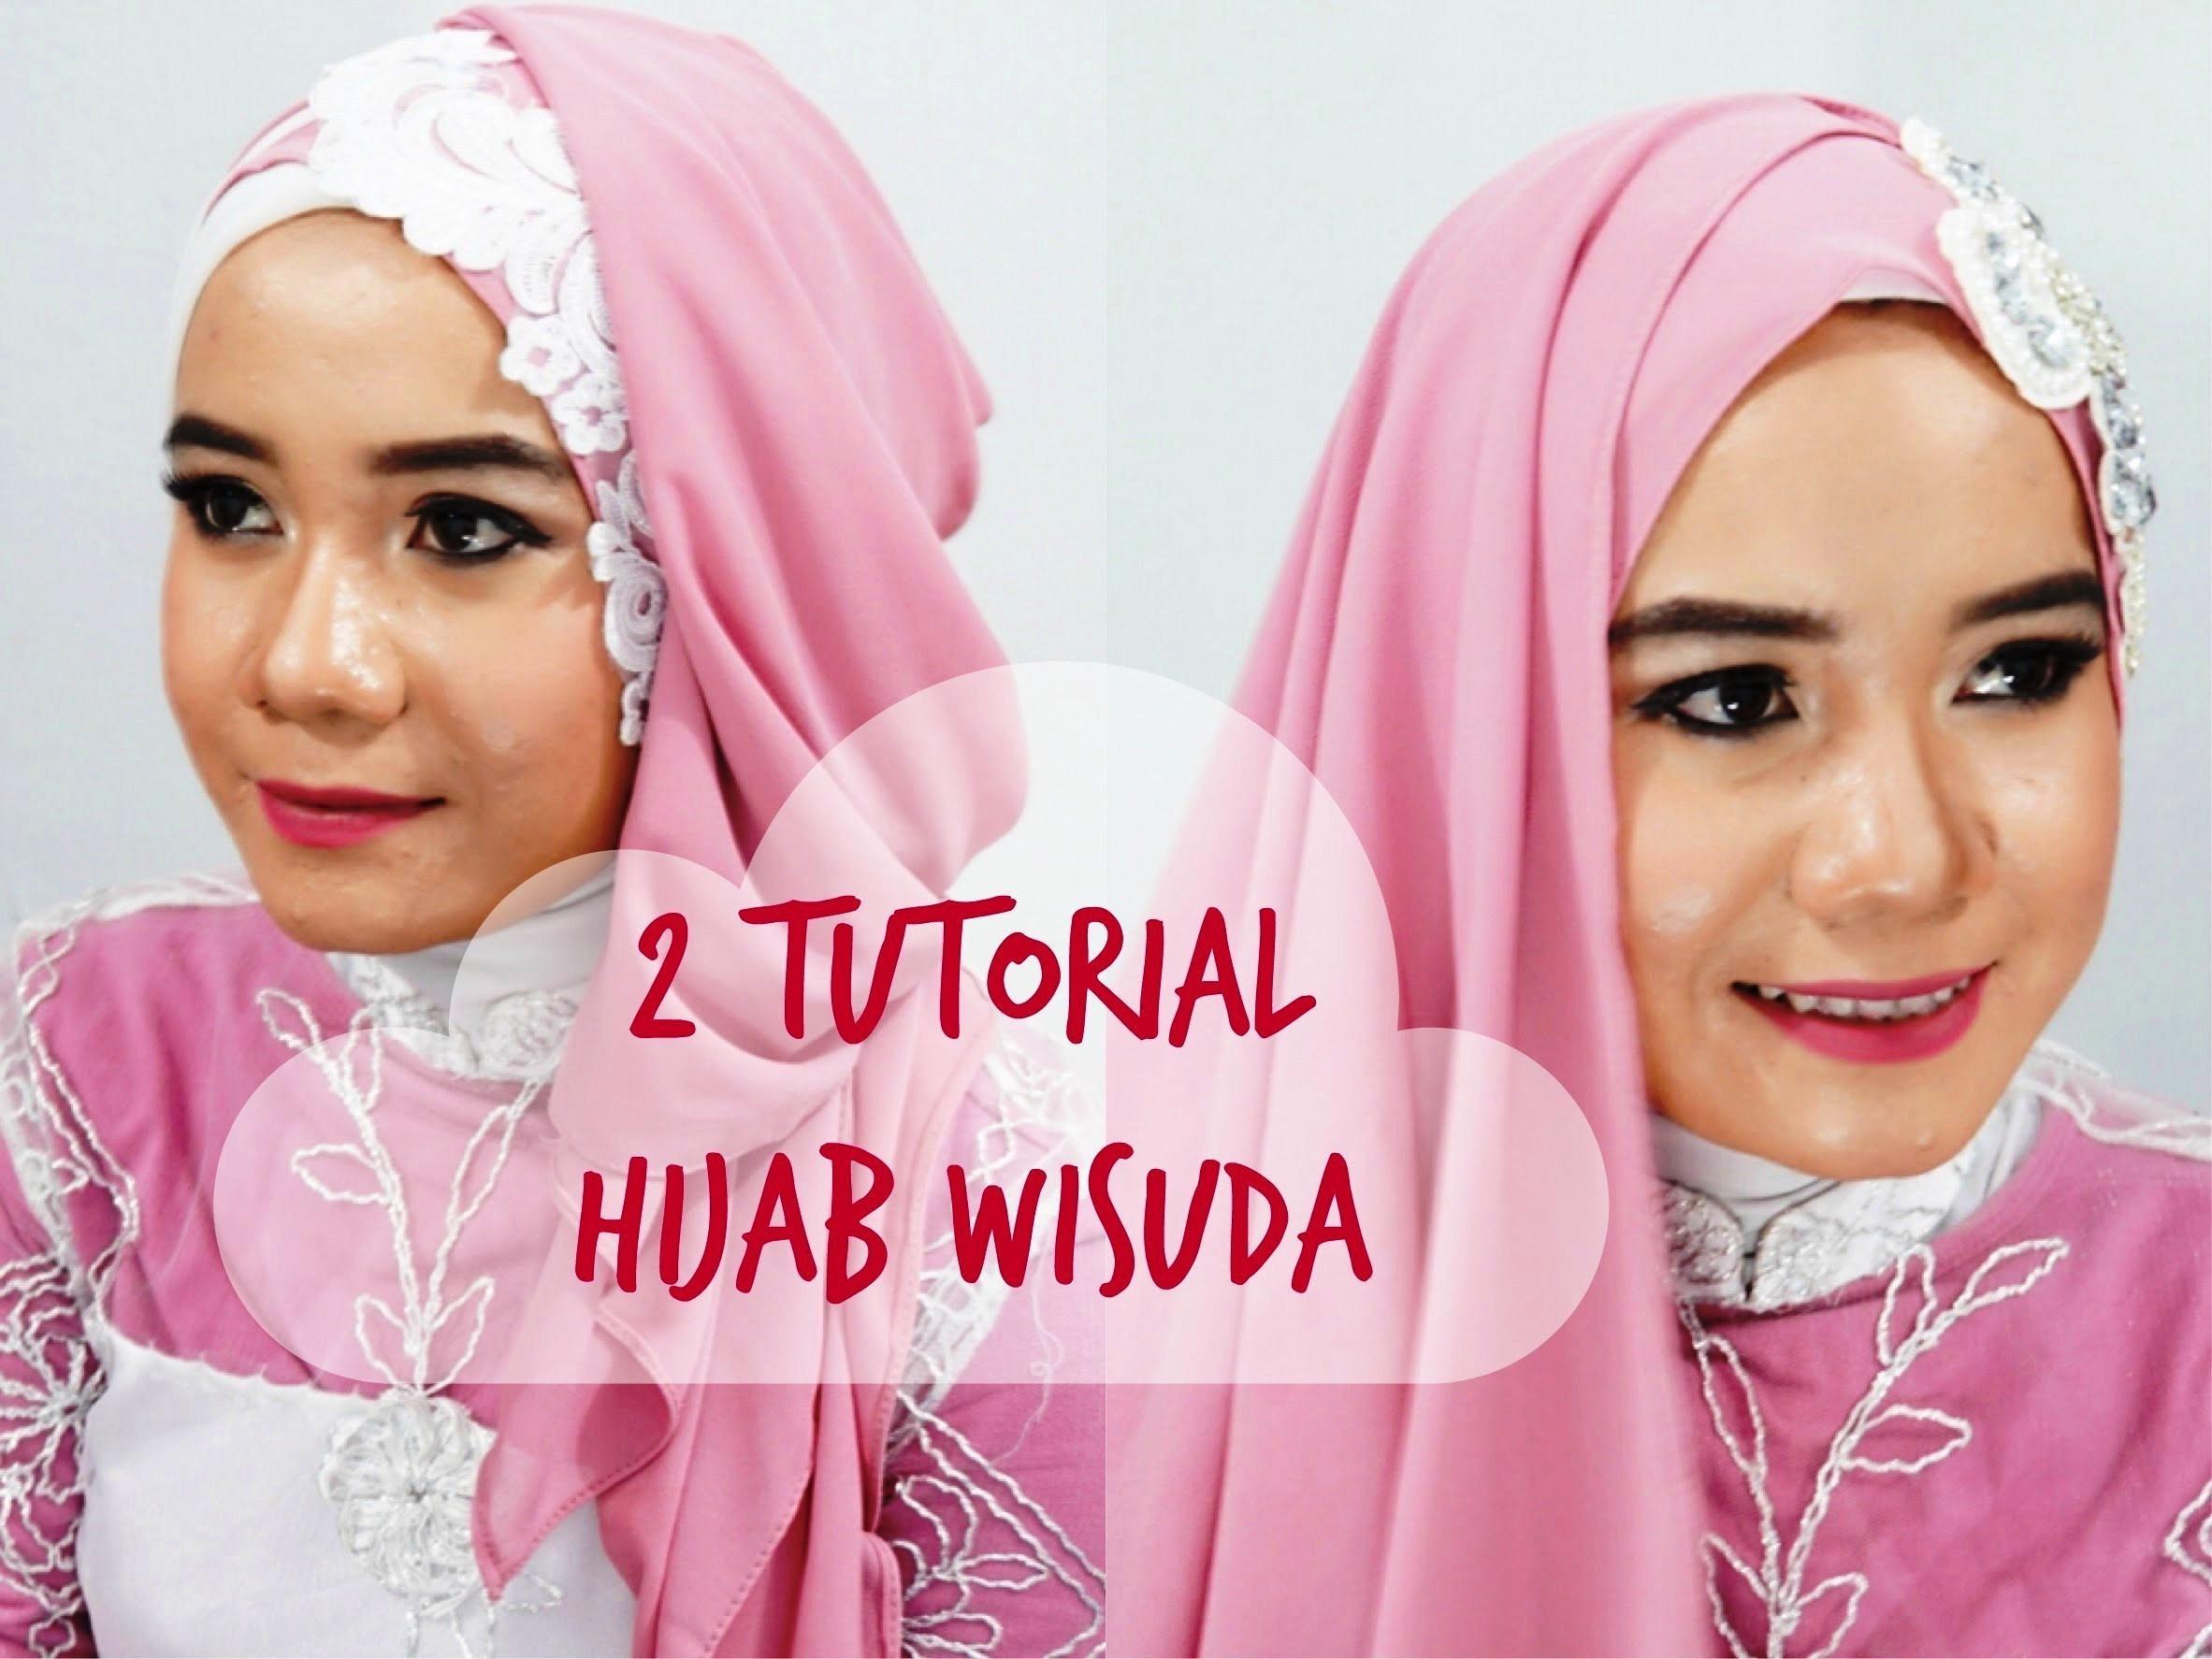 Gaun Pengantin Muslimah Modern Warna Pink Elegant Foto Wanita Bercadar Modern Cantik Gaun Pengantin Muslimah